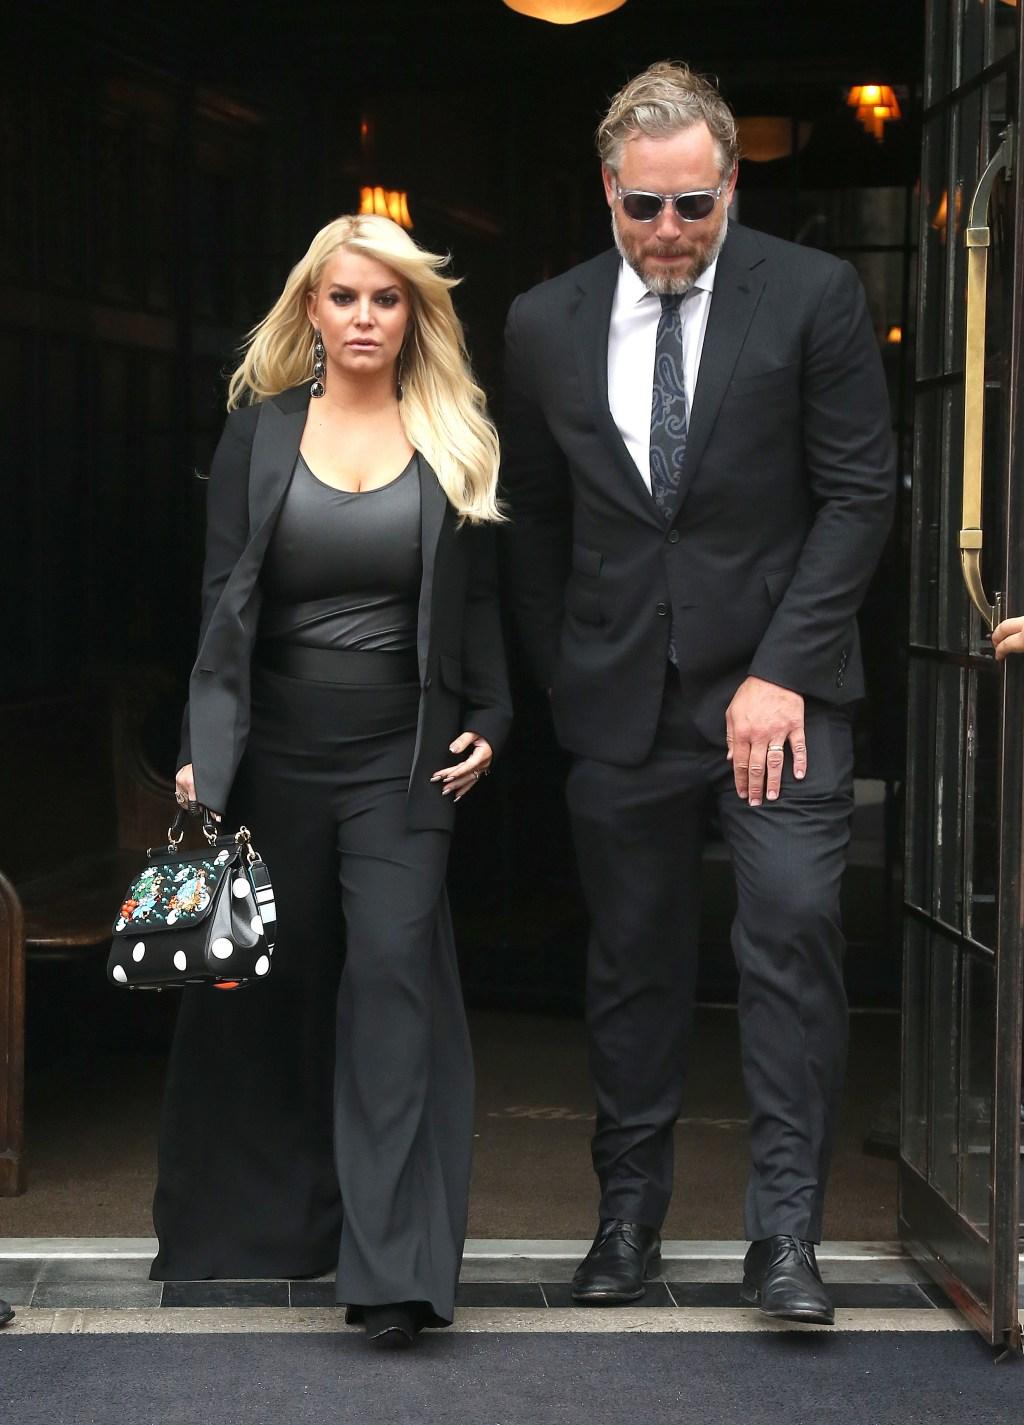 Jessica Simpson and Eric Johnson in black attire